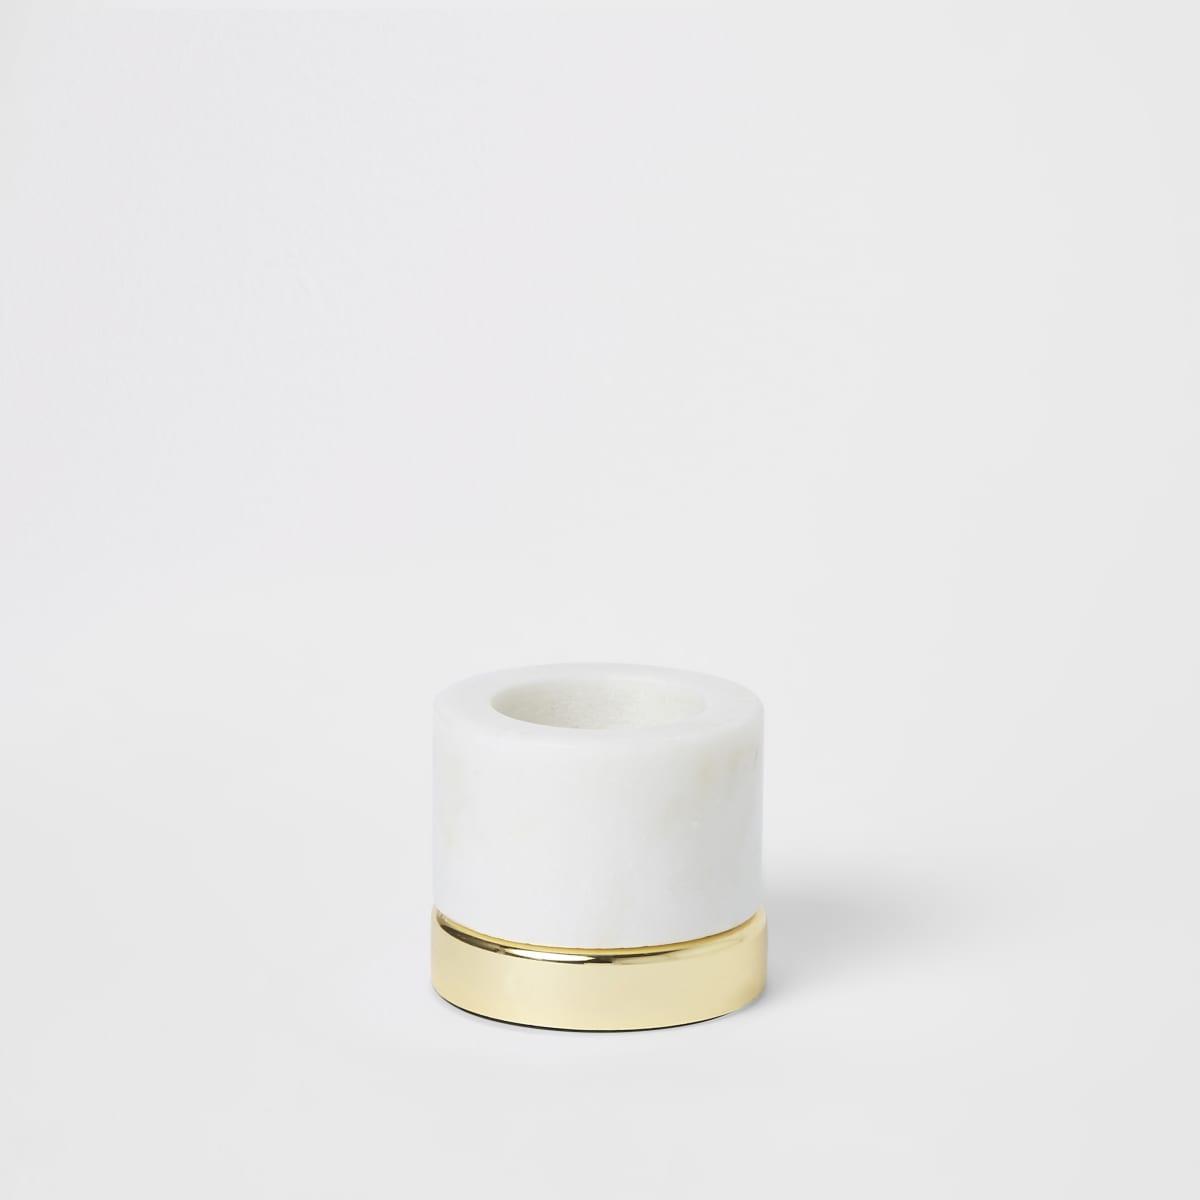 Kleine marmeren theelichthouder met metalen basis